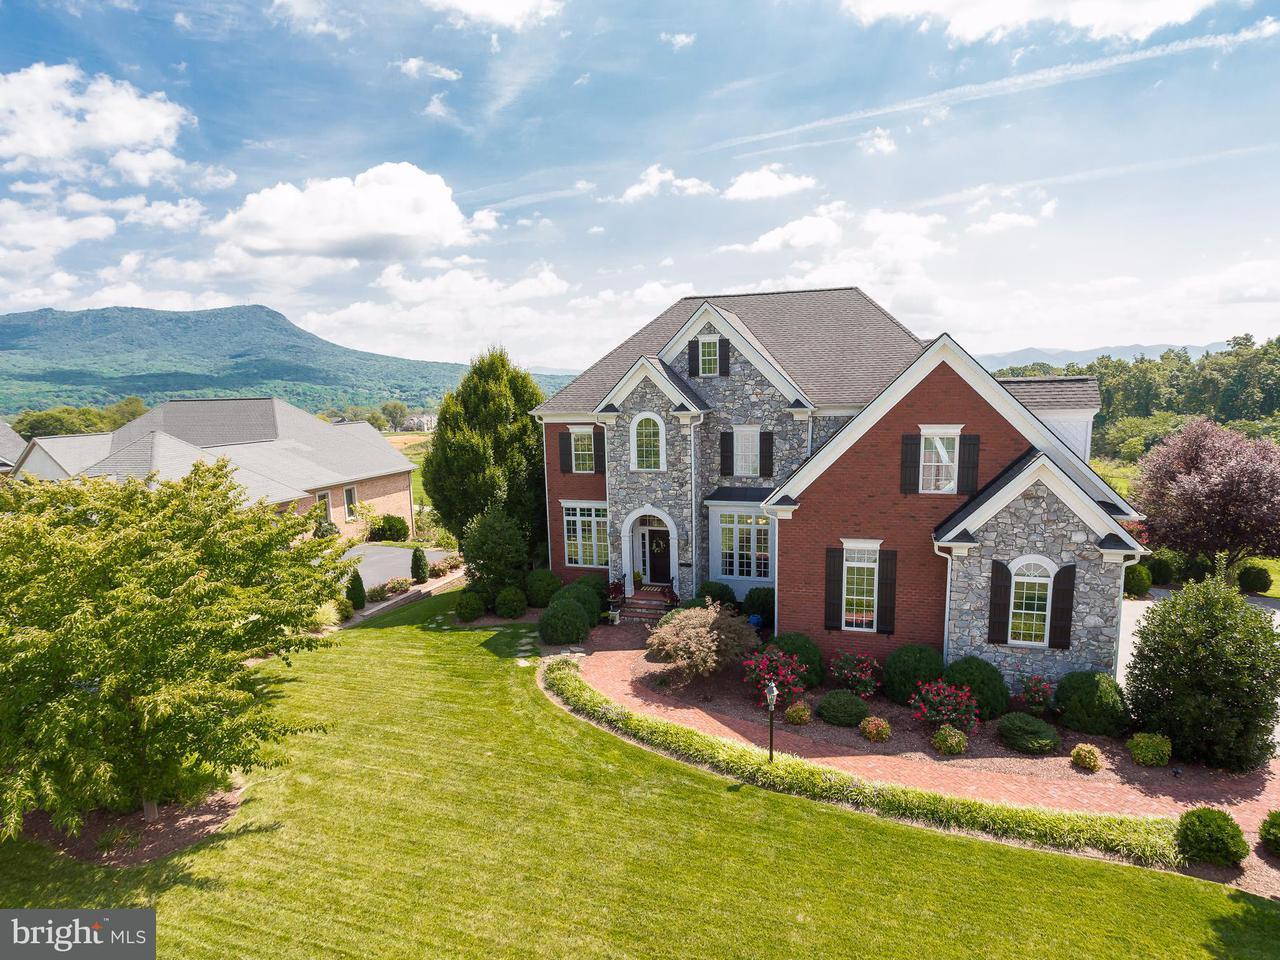 一戸建て のために 売買 アット 639 CLAREMONT Avenue 639 CLAREMONT Avenue Harrisonburg, バージニア 22801 アメリカ合衆国